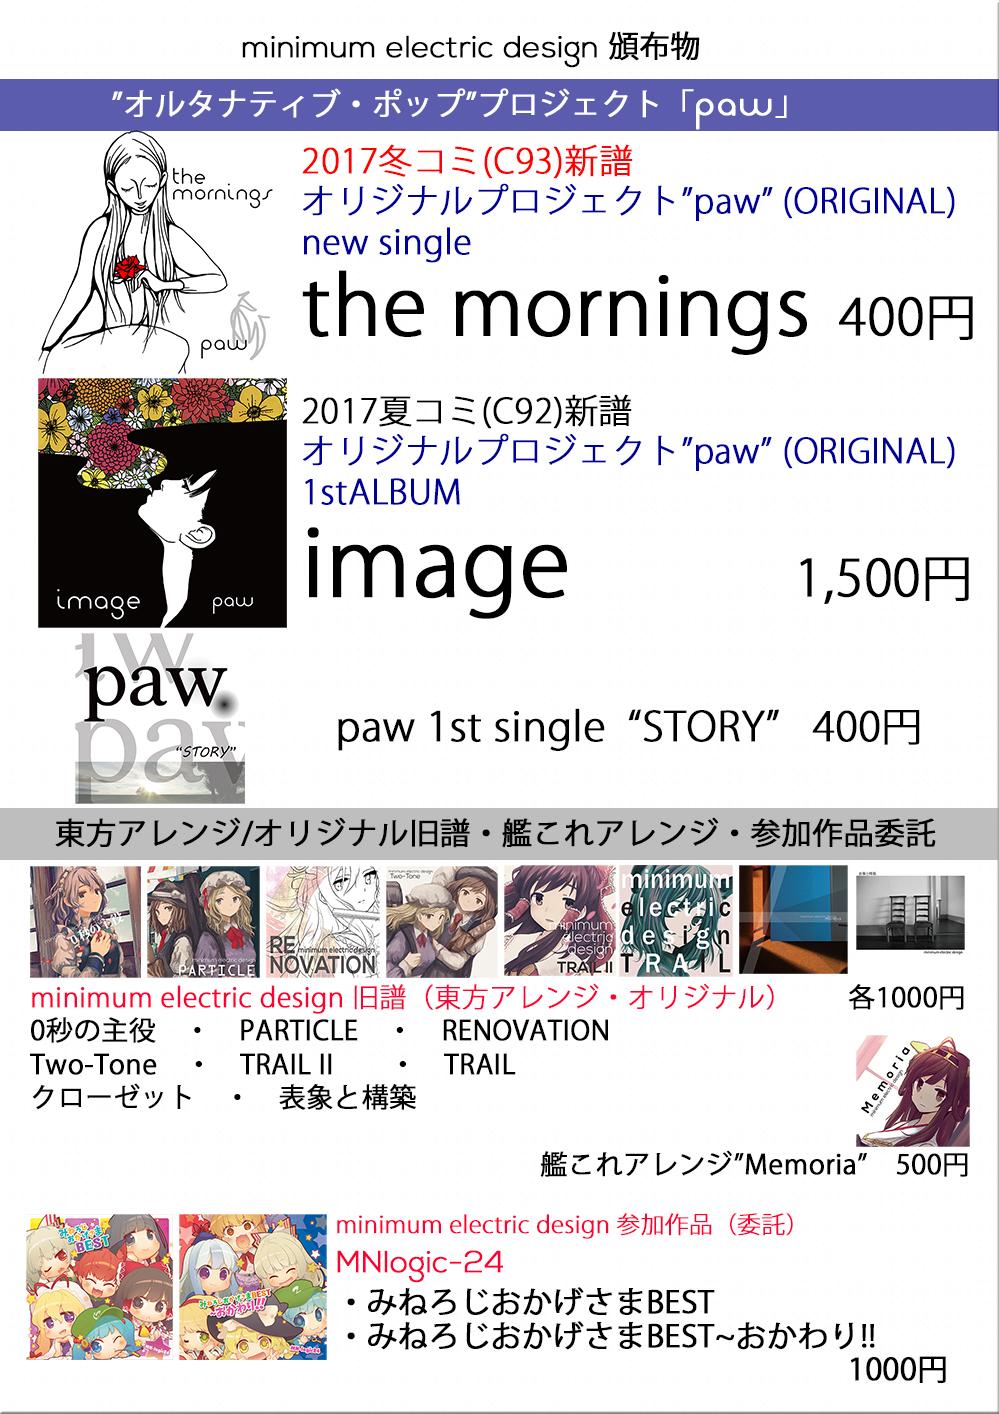 c93med_oshinagaki.jpg